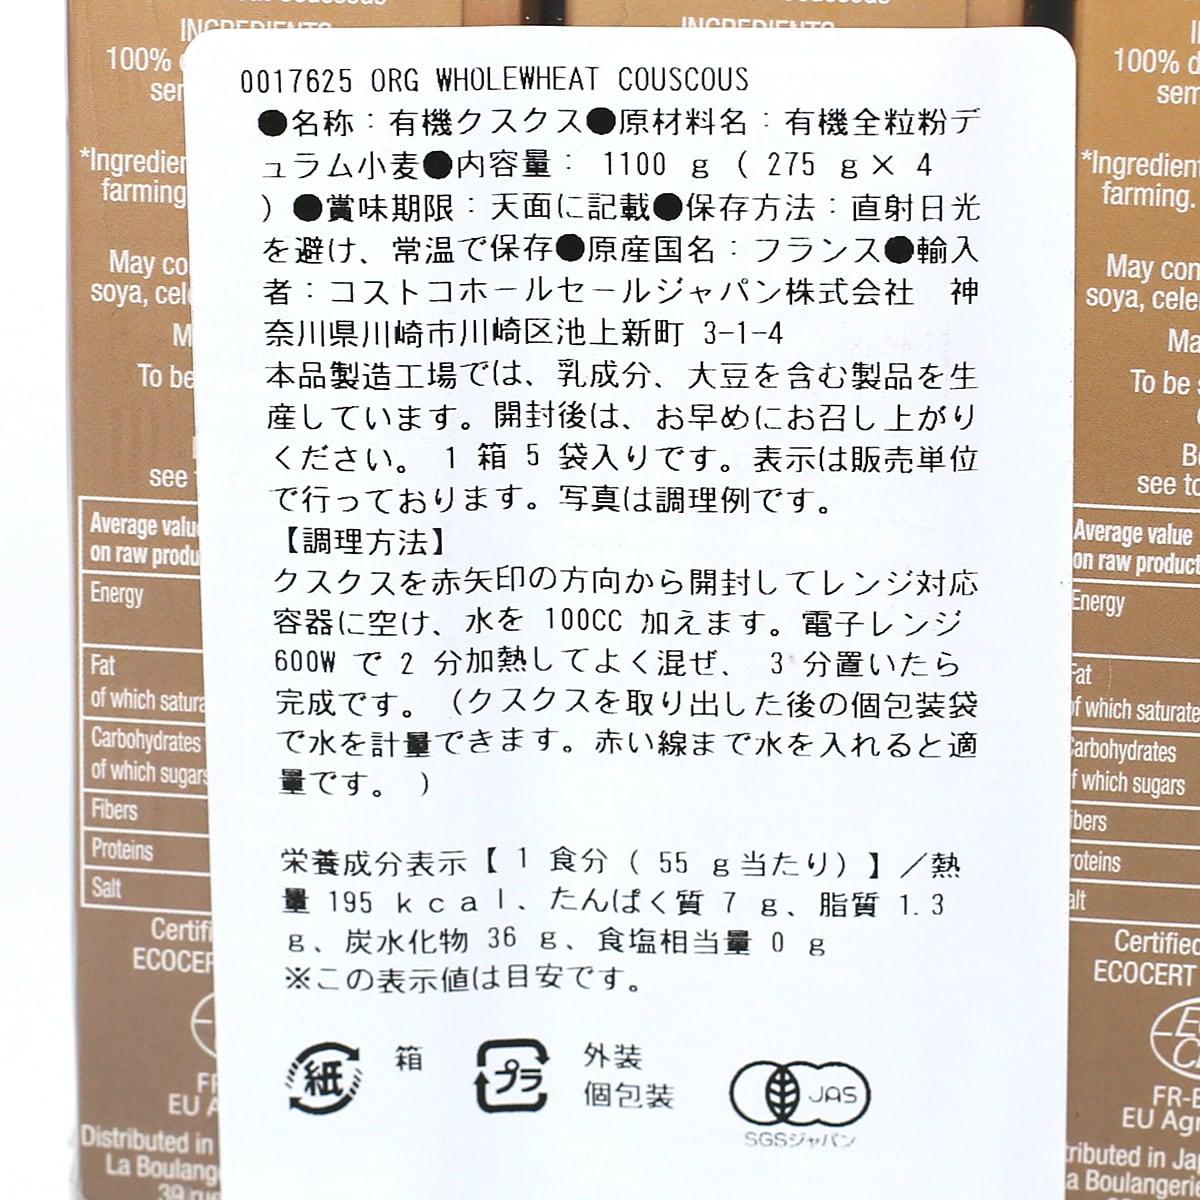 Tipiak オーガニックホールウィートクスクス 275g×4箱 商品ラベル(原材料・カロリーほか)